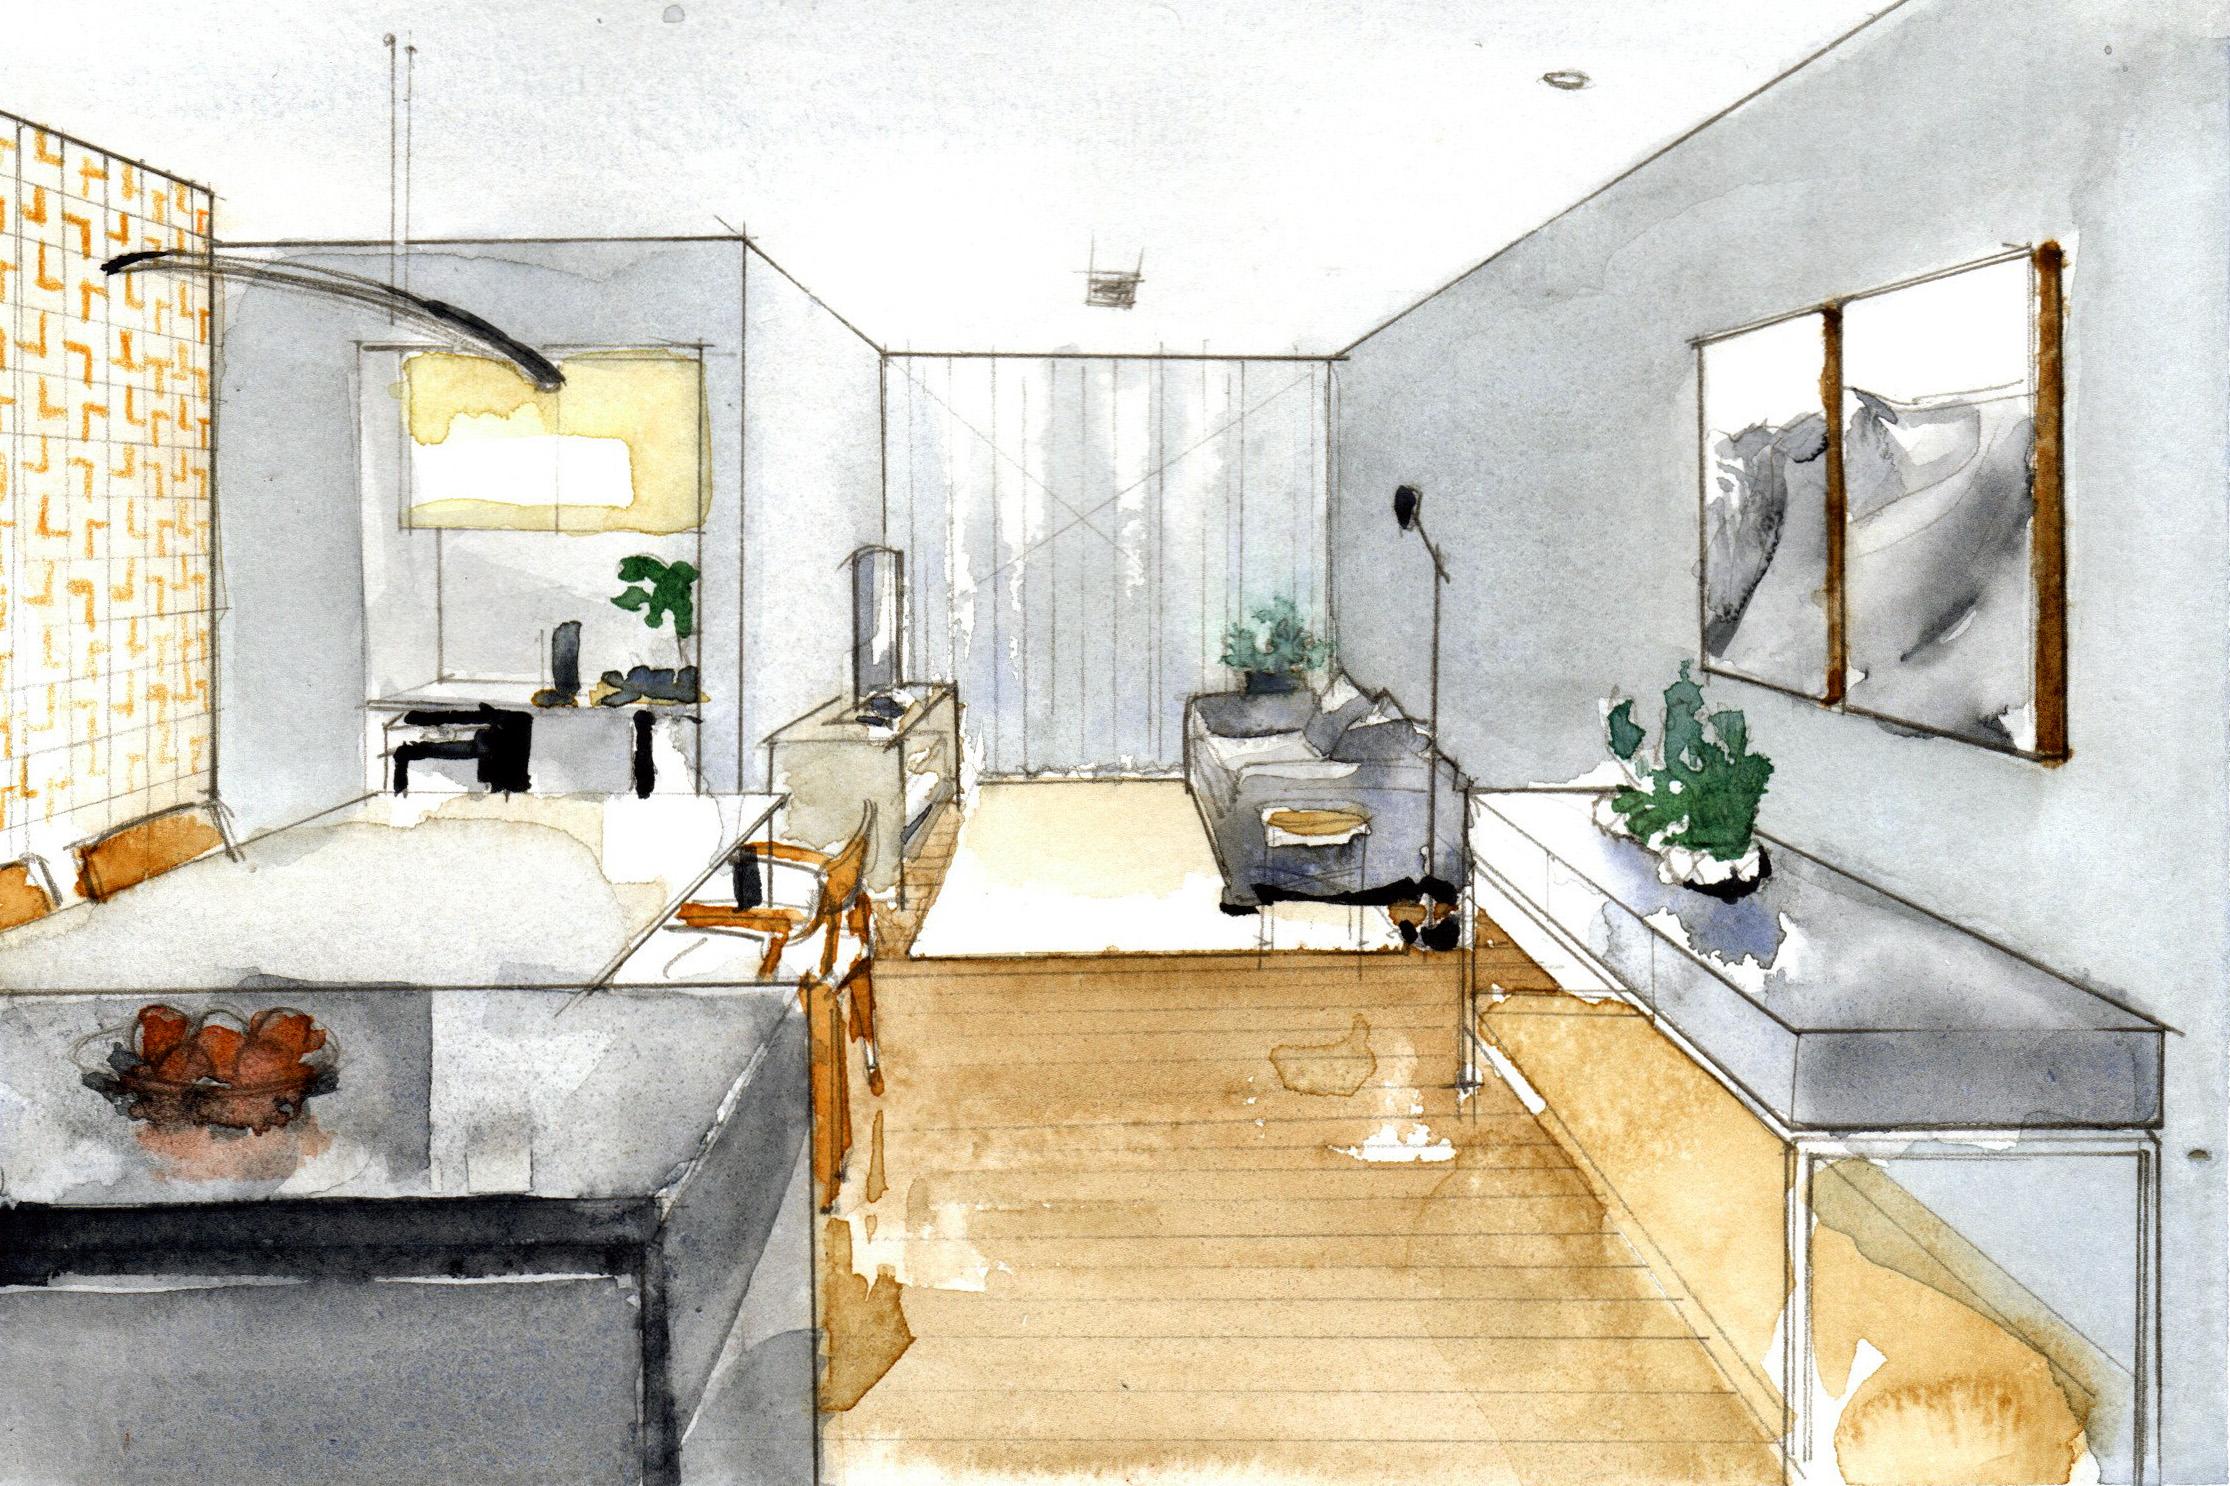 Projeto do Estúdio Brasis para apartamento dos anos 1980.